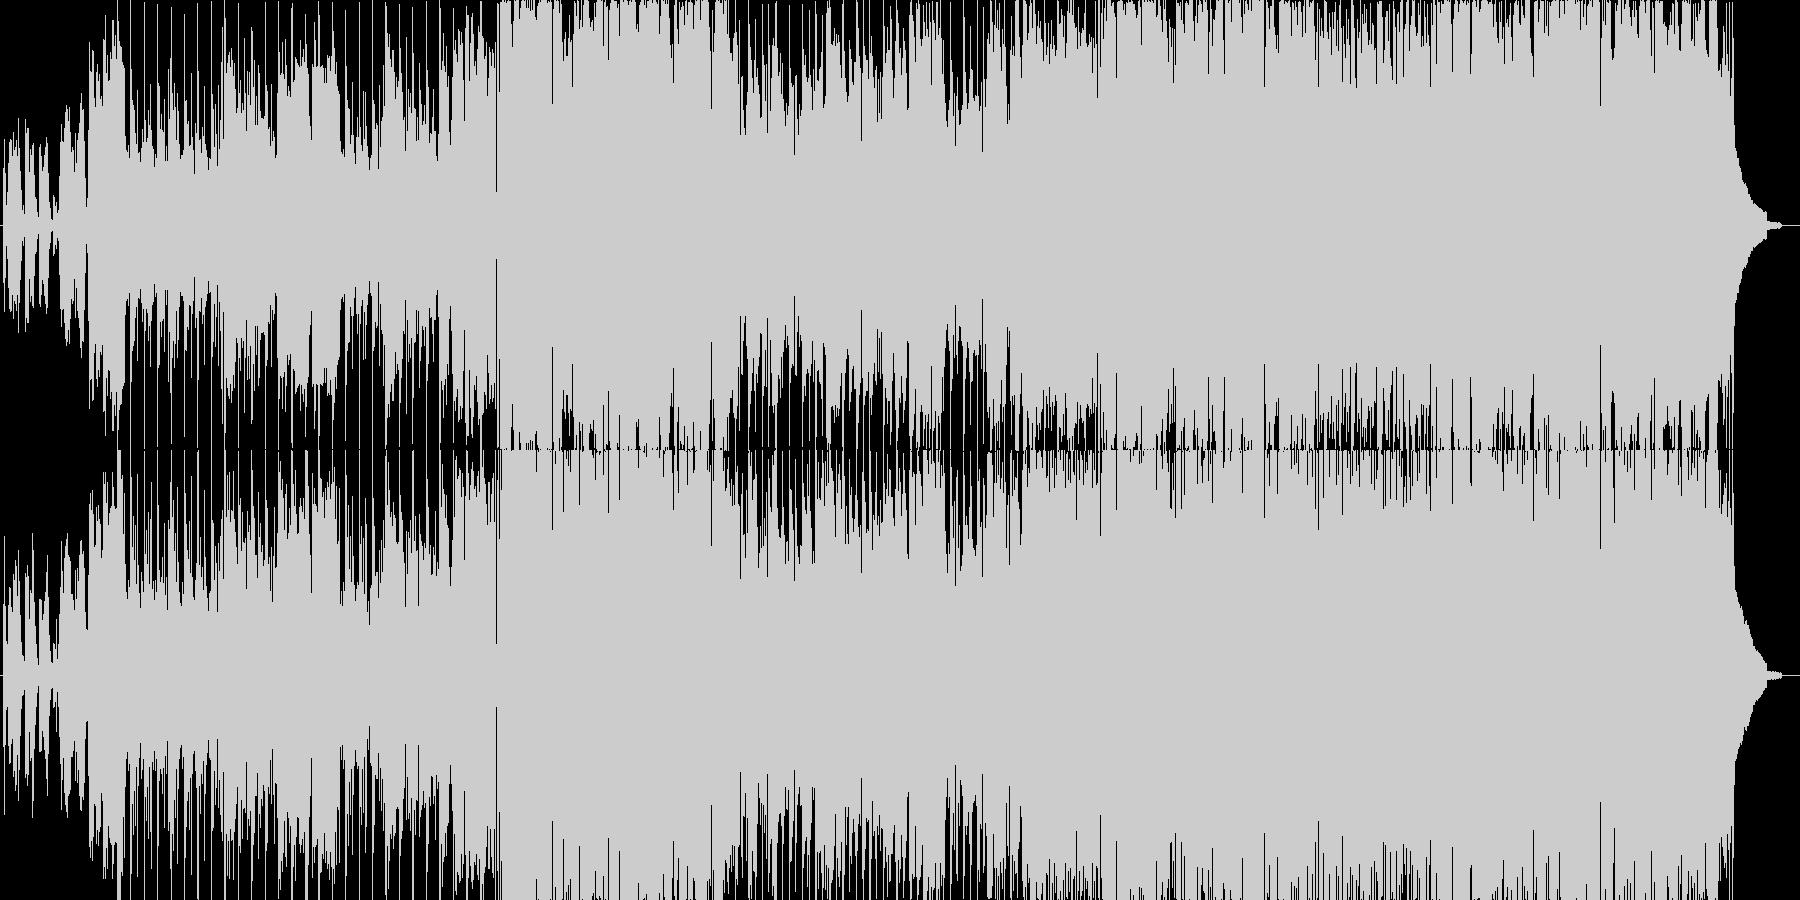 三拍子のピアノ旋律曲の未再生の波形